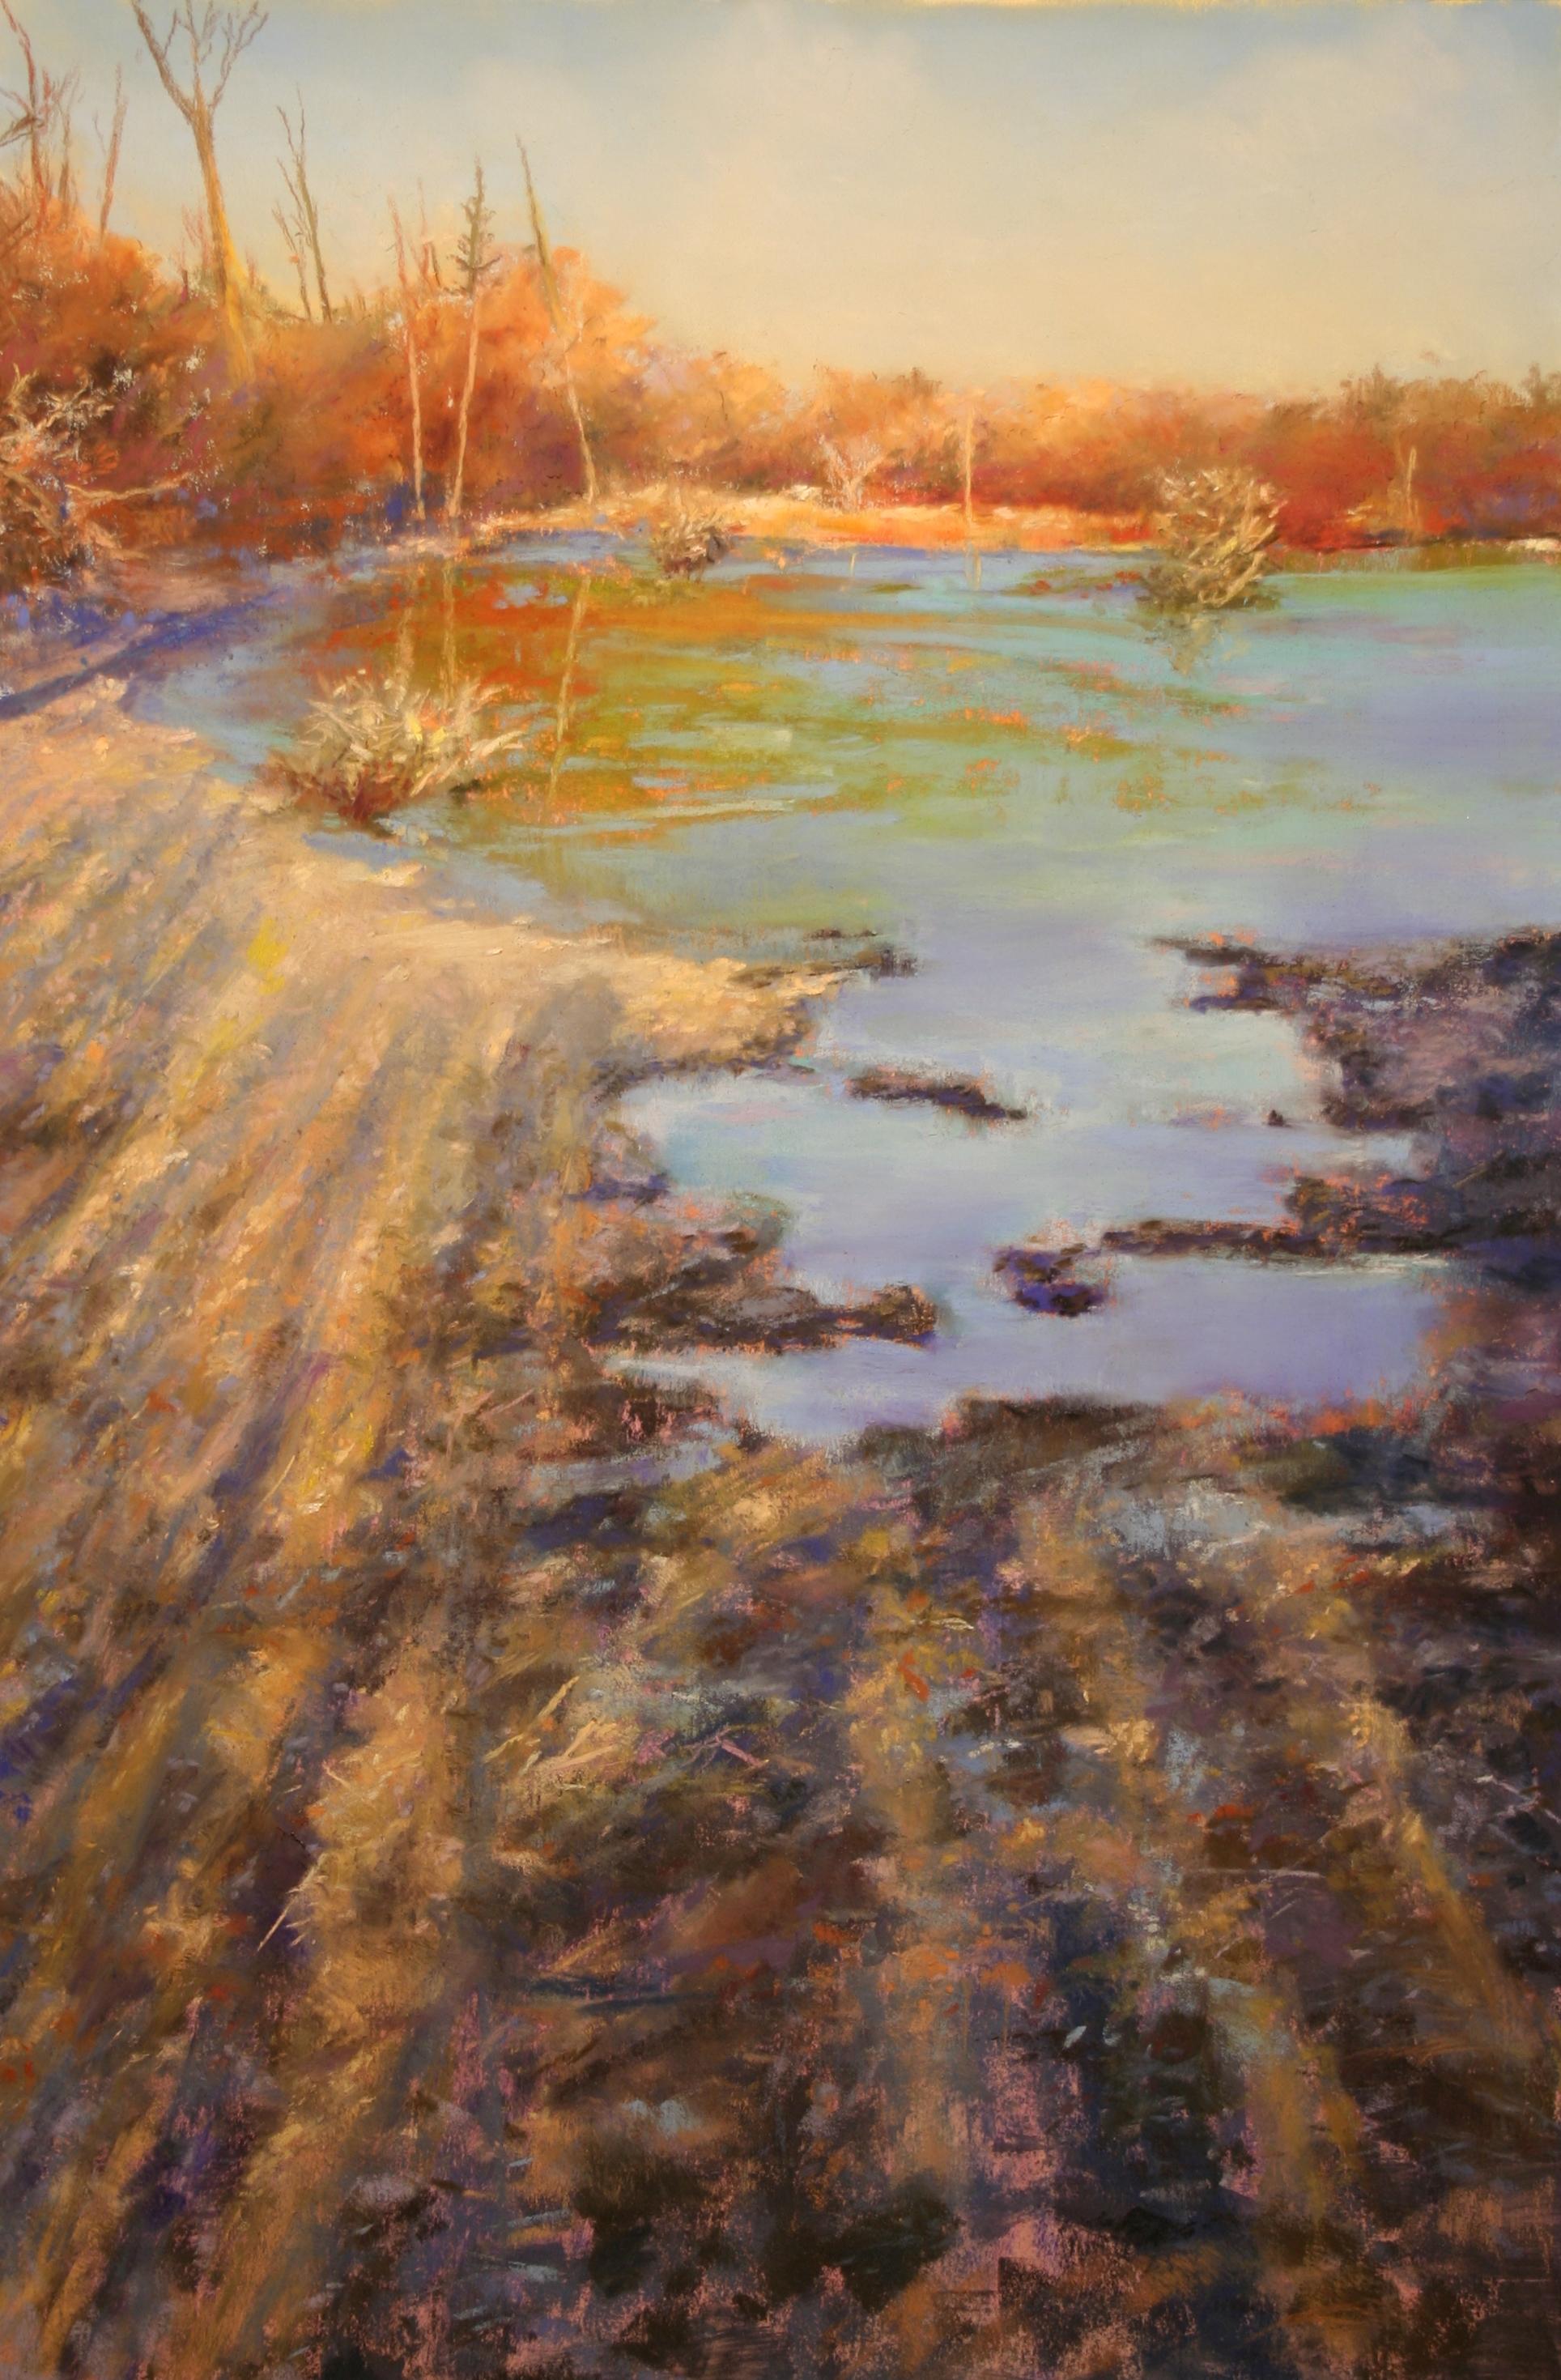 Icy Morning Shadows